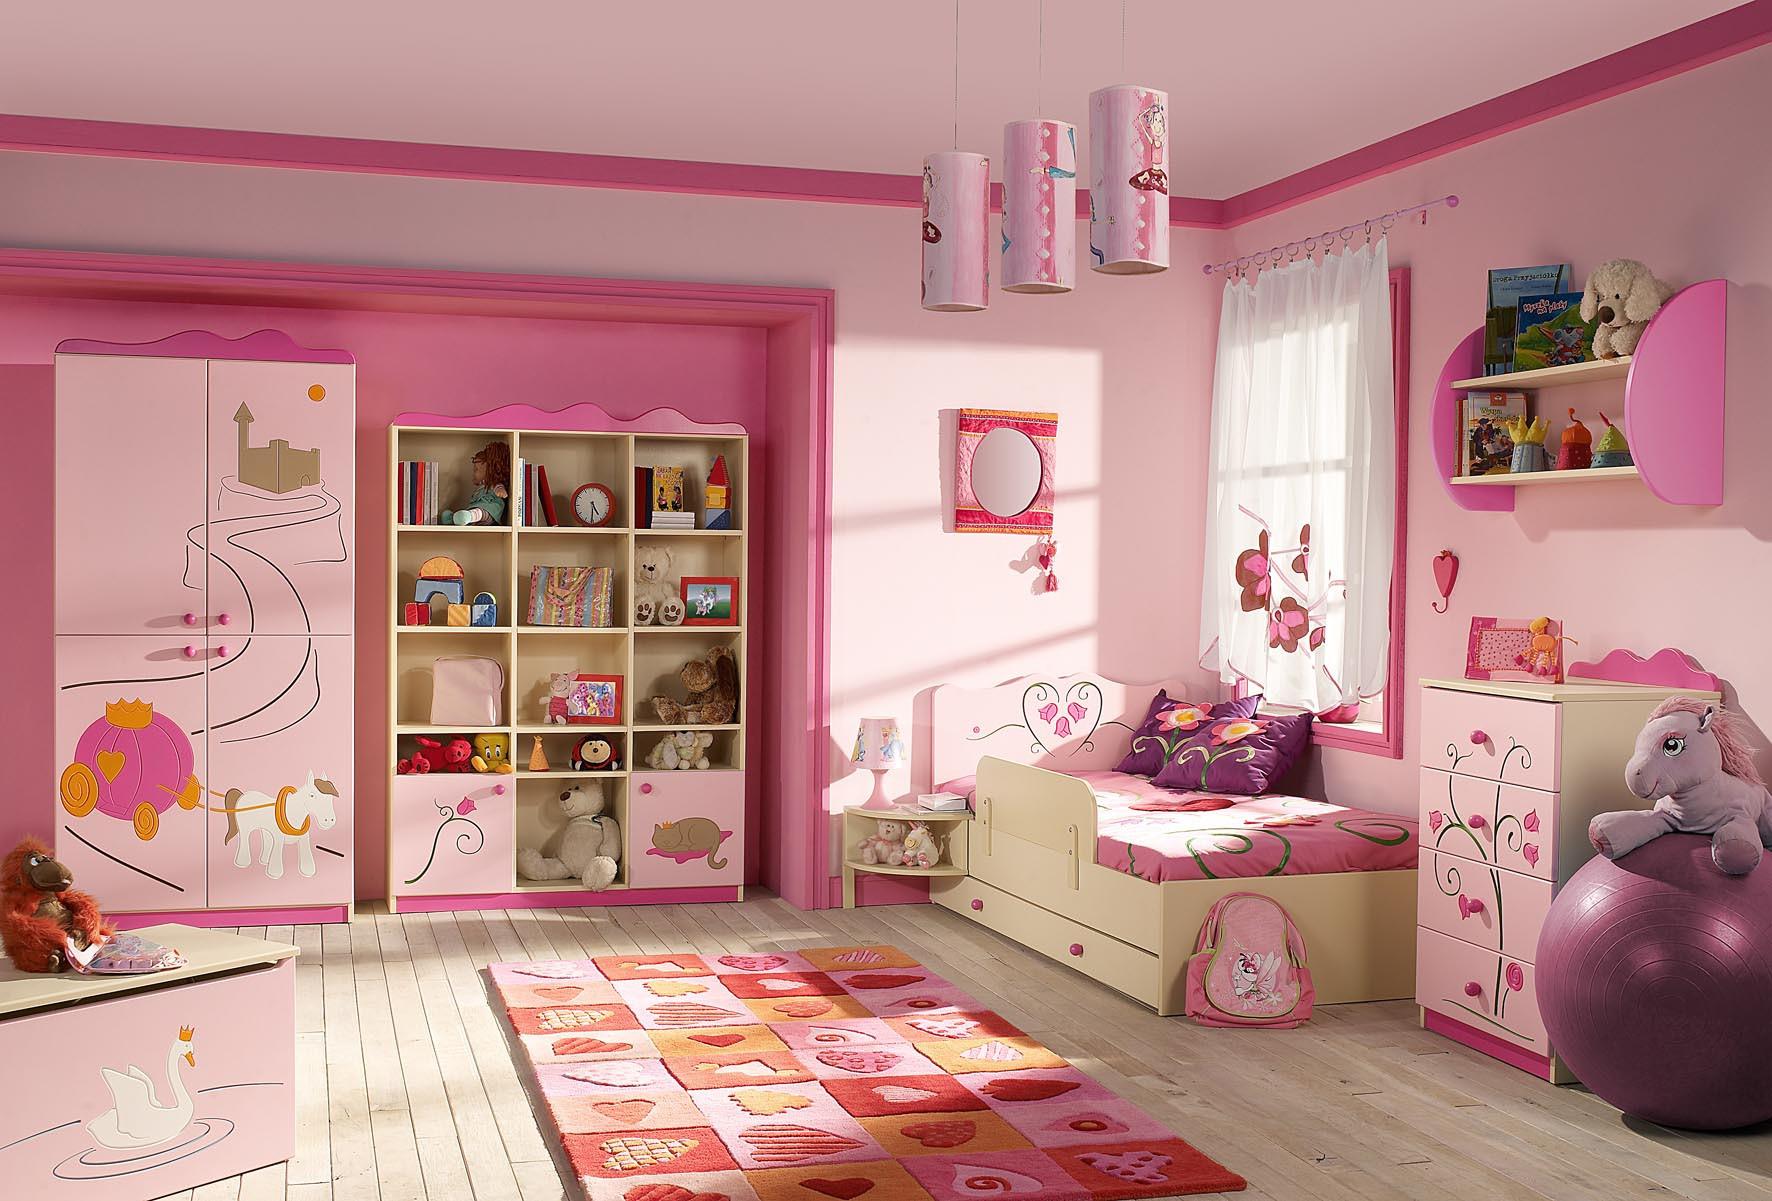 Kids Room Interior  Blog of Top Luxury Interior Designers in India